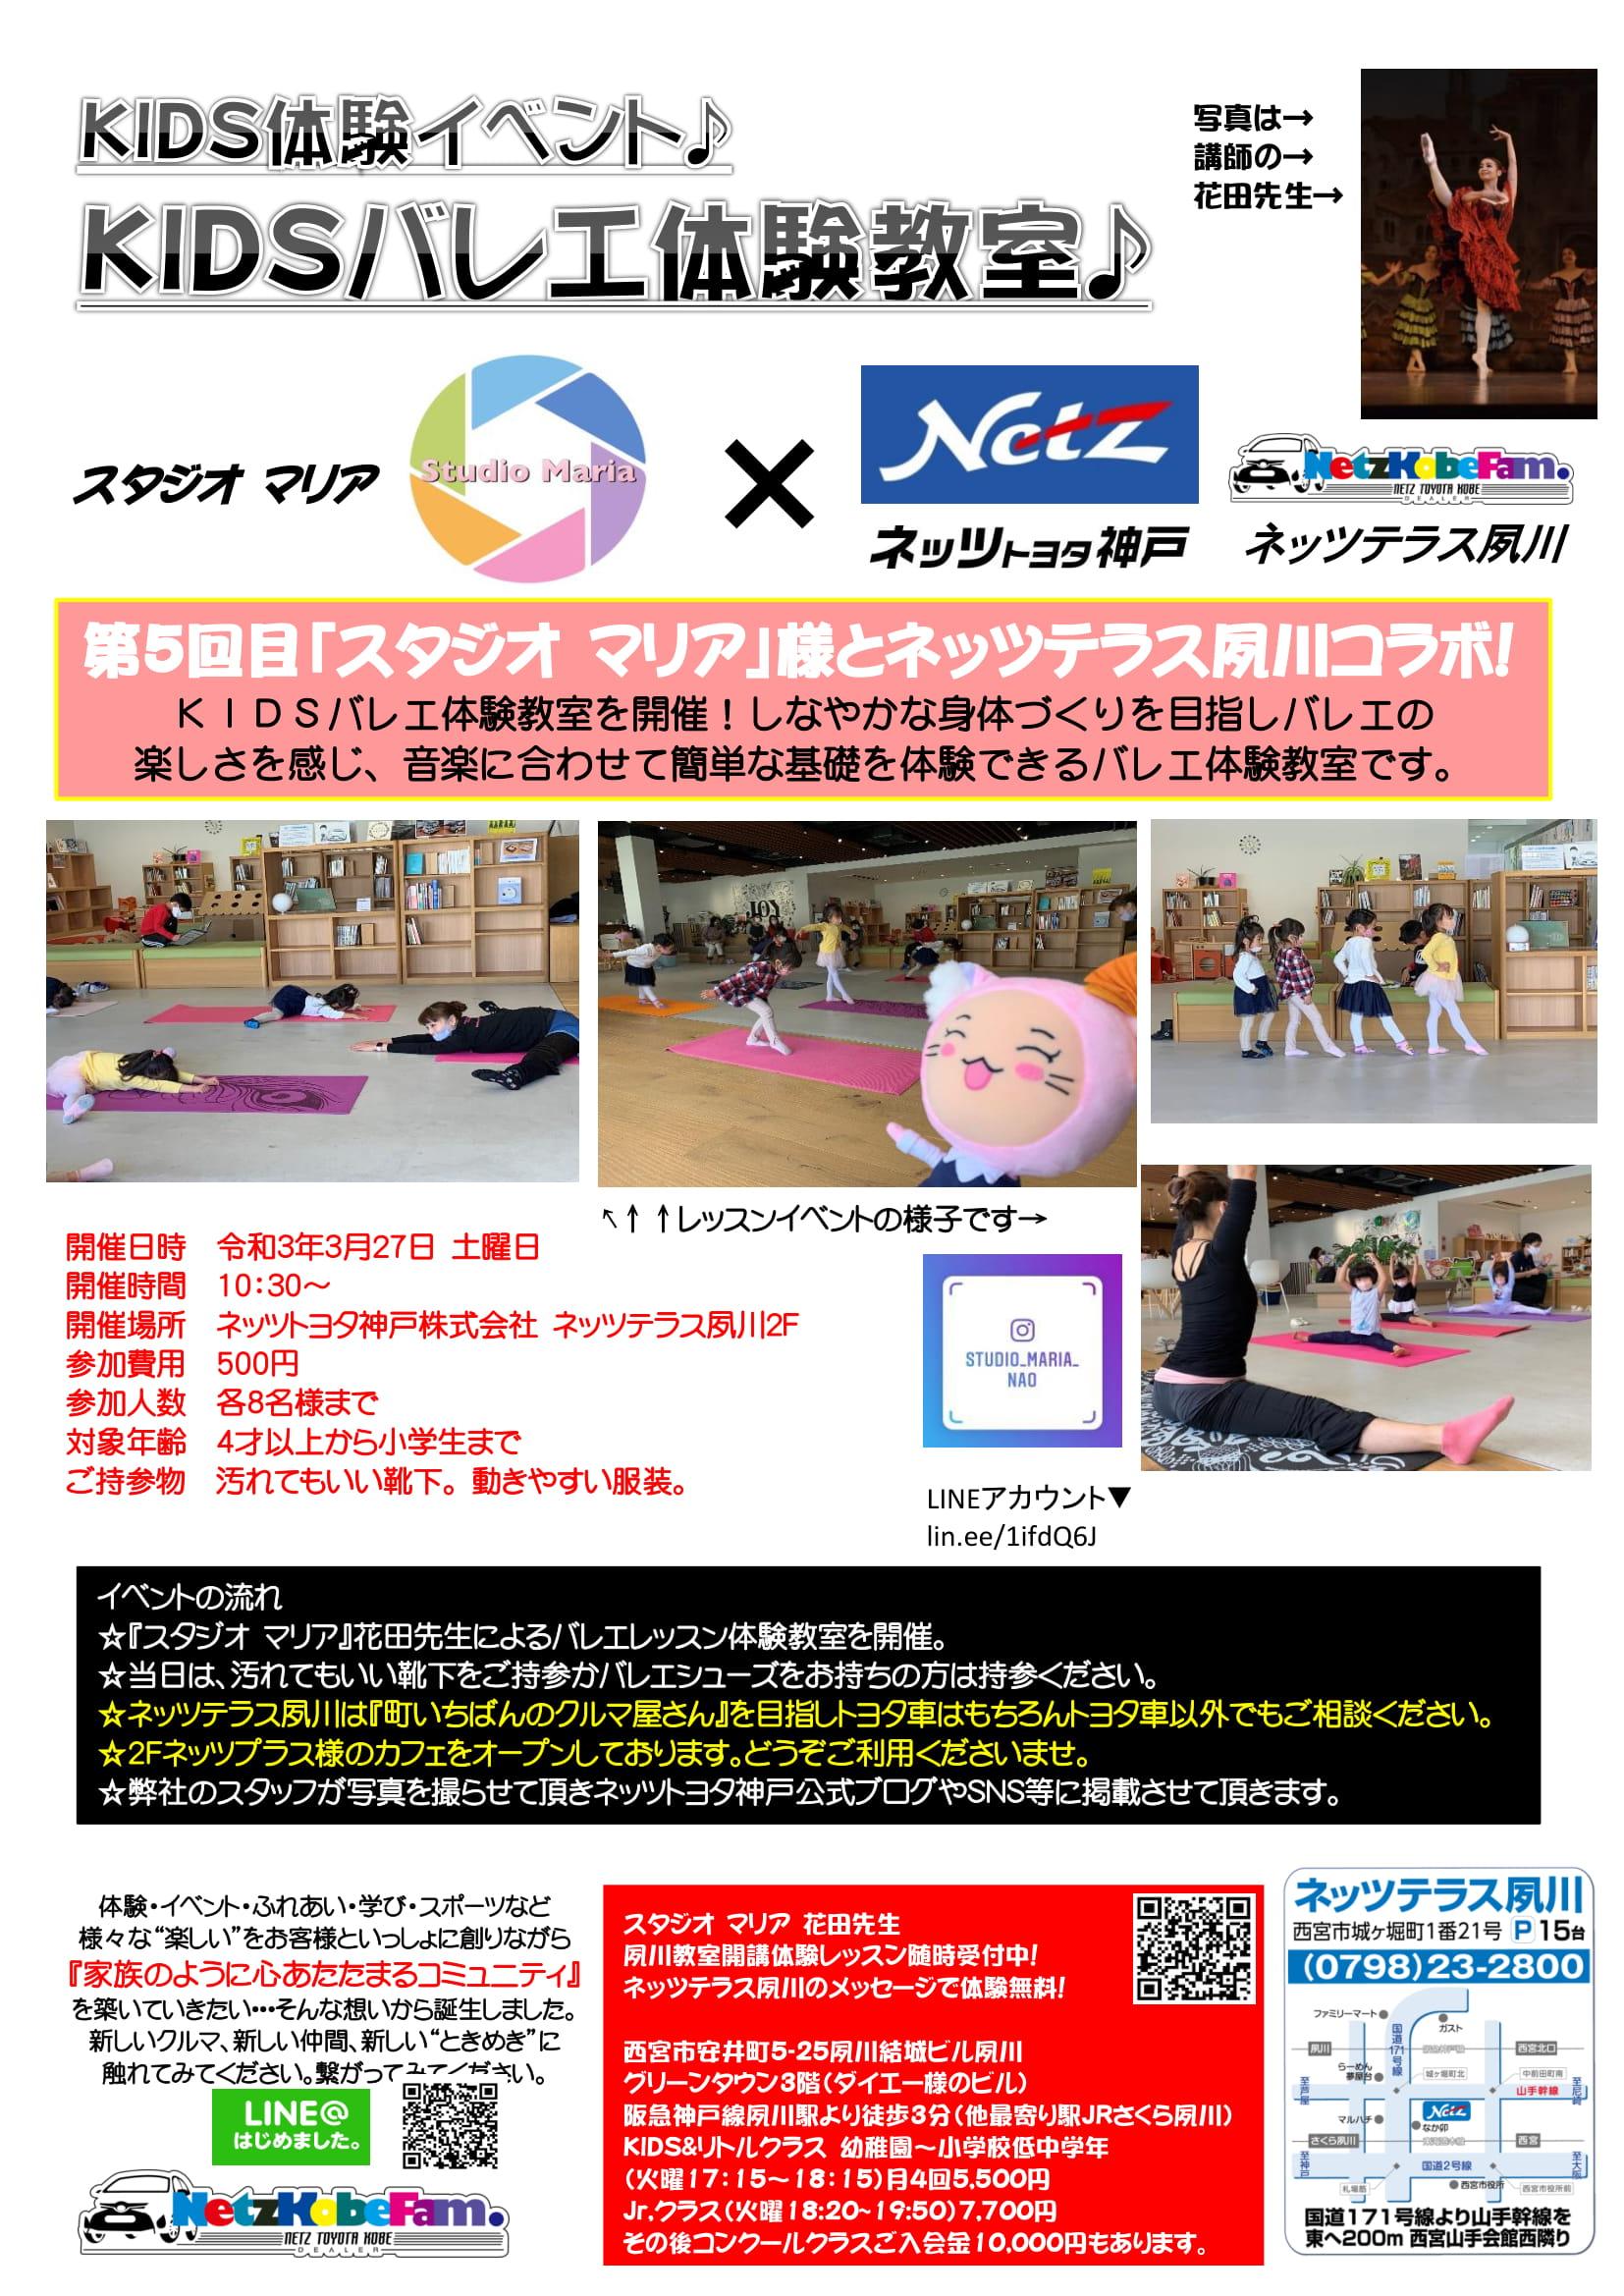 <KIDS体験イベント>KIDSバレエ体験教室